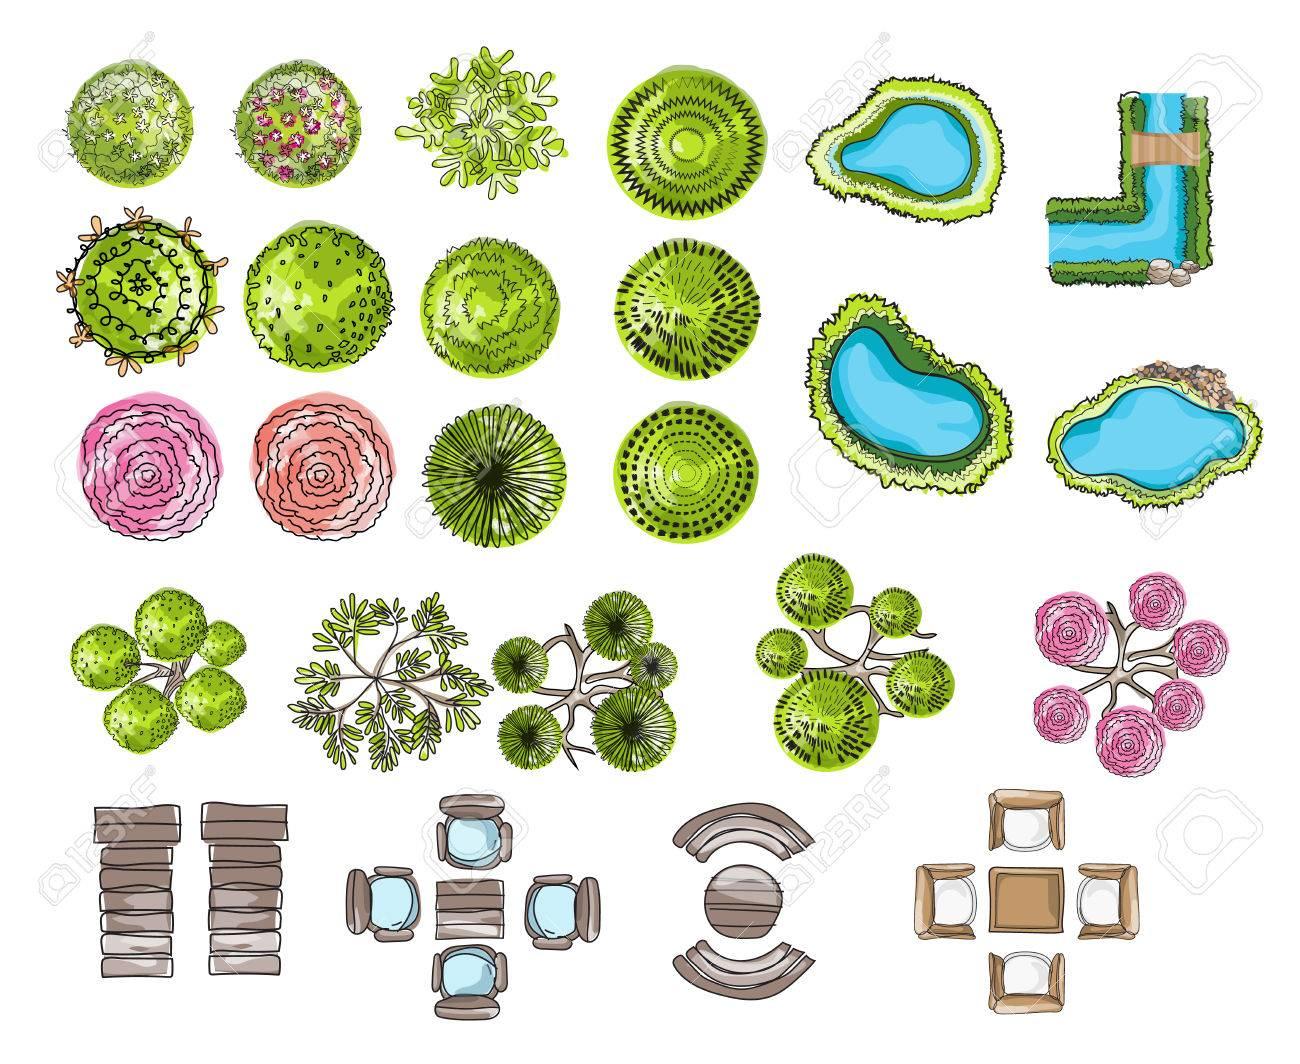 set of tree top symbols, for architectural or landscape design,